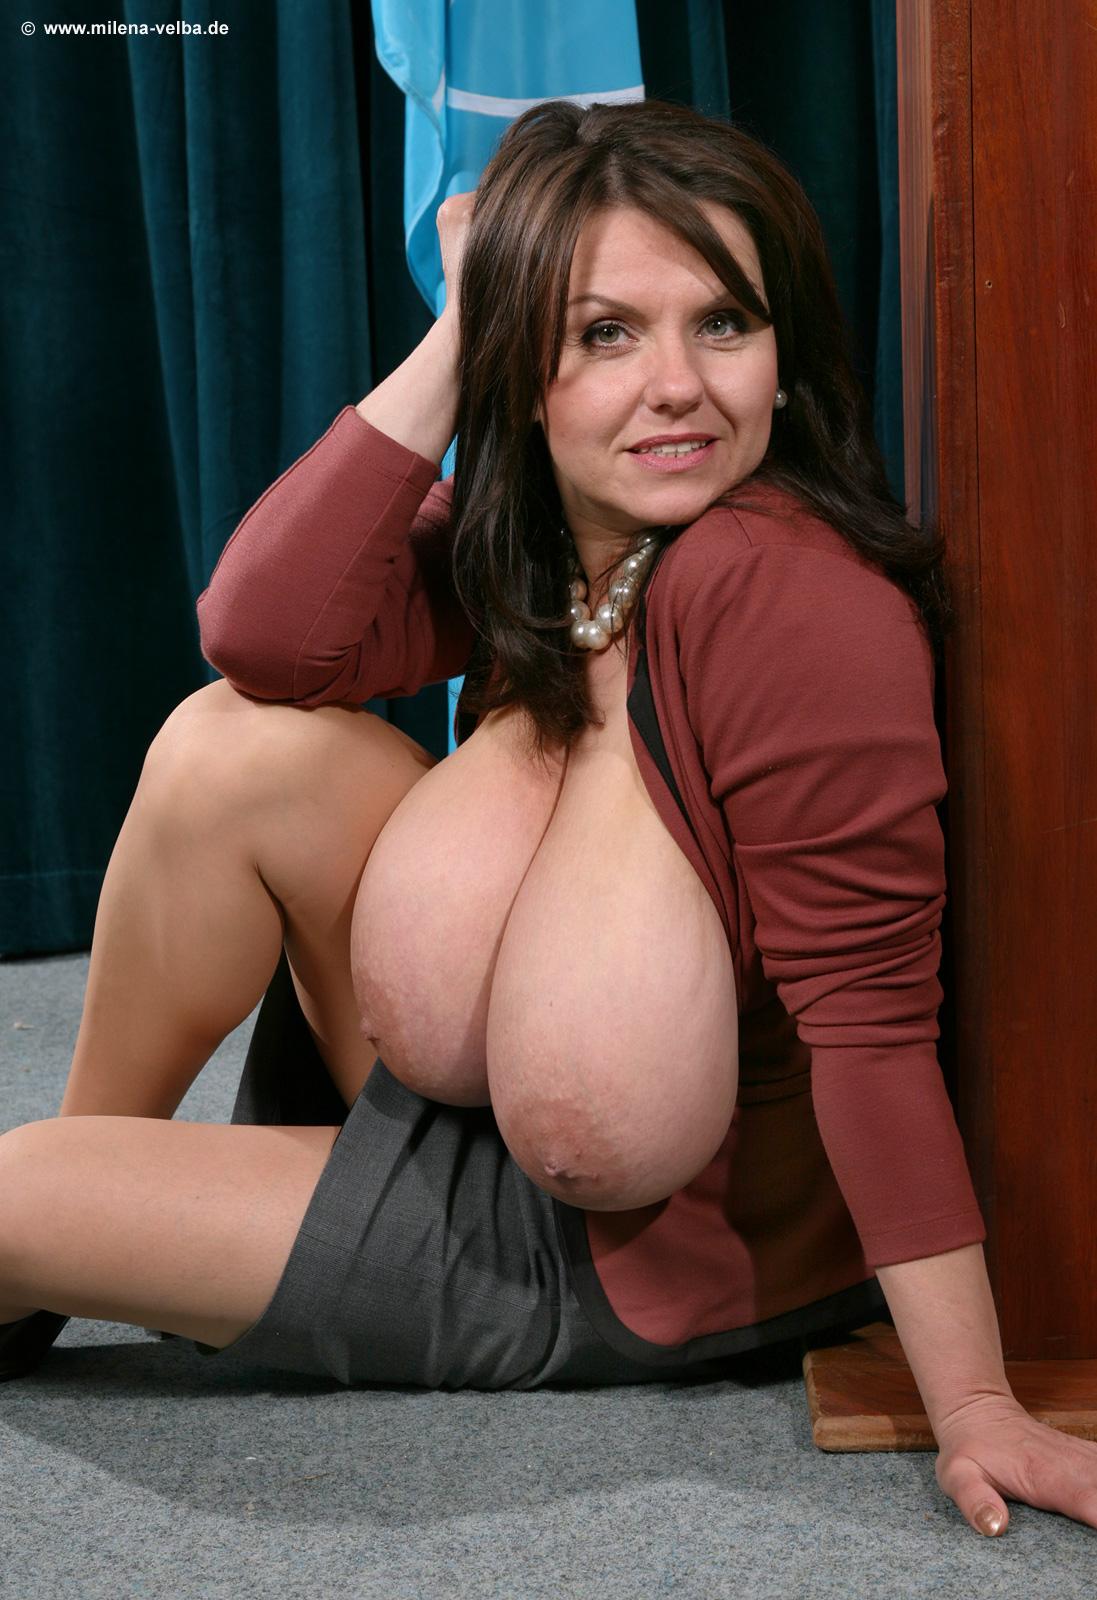 Milena Velba and